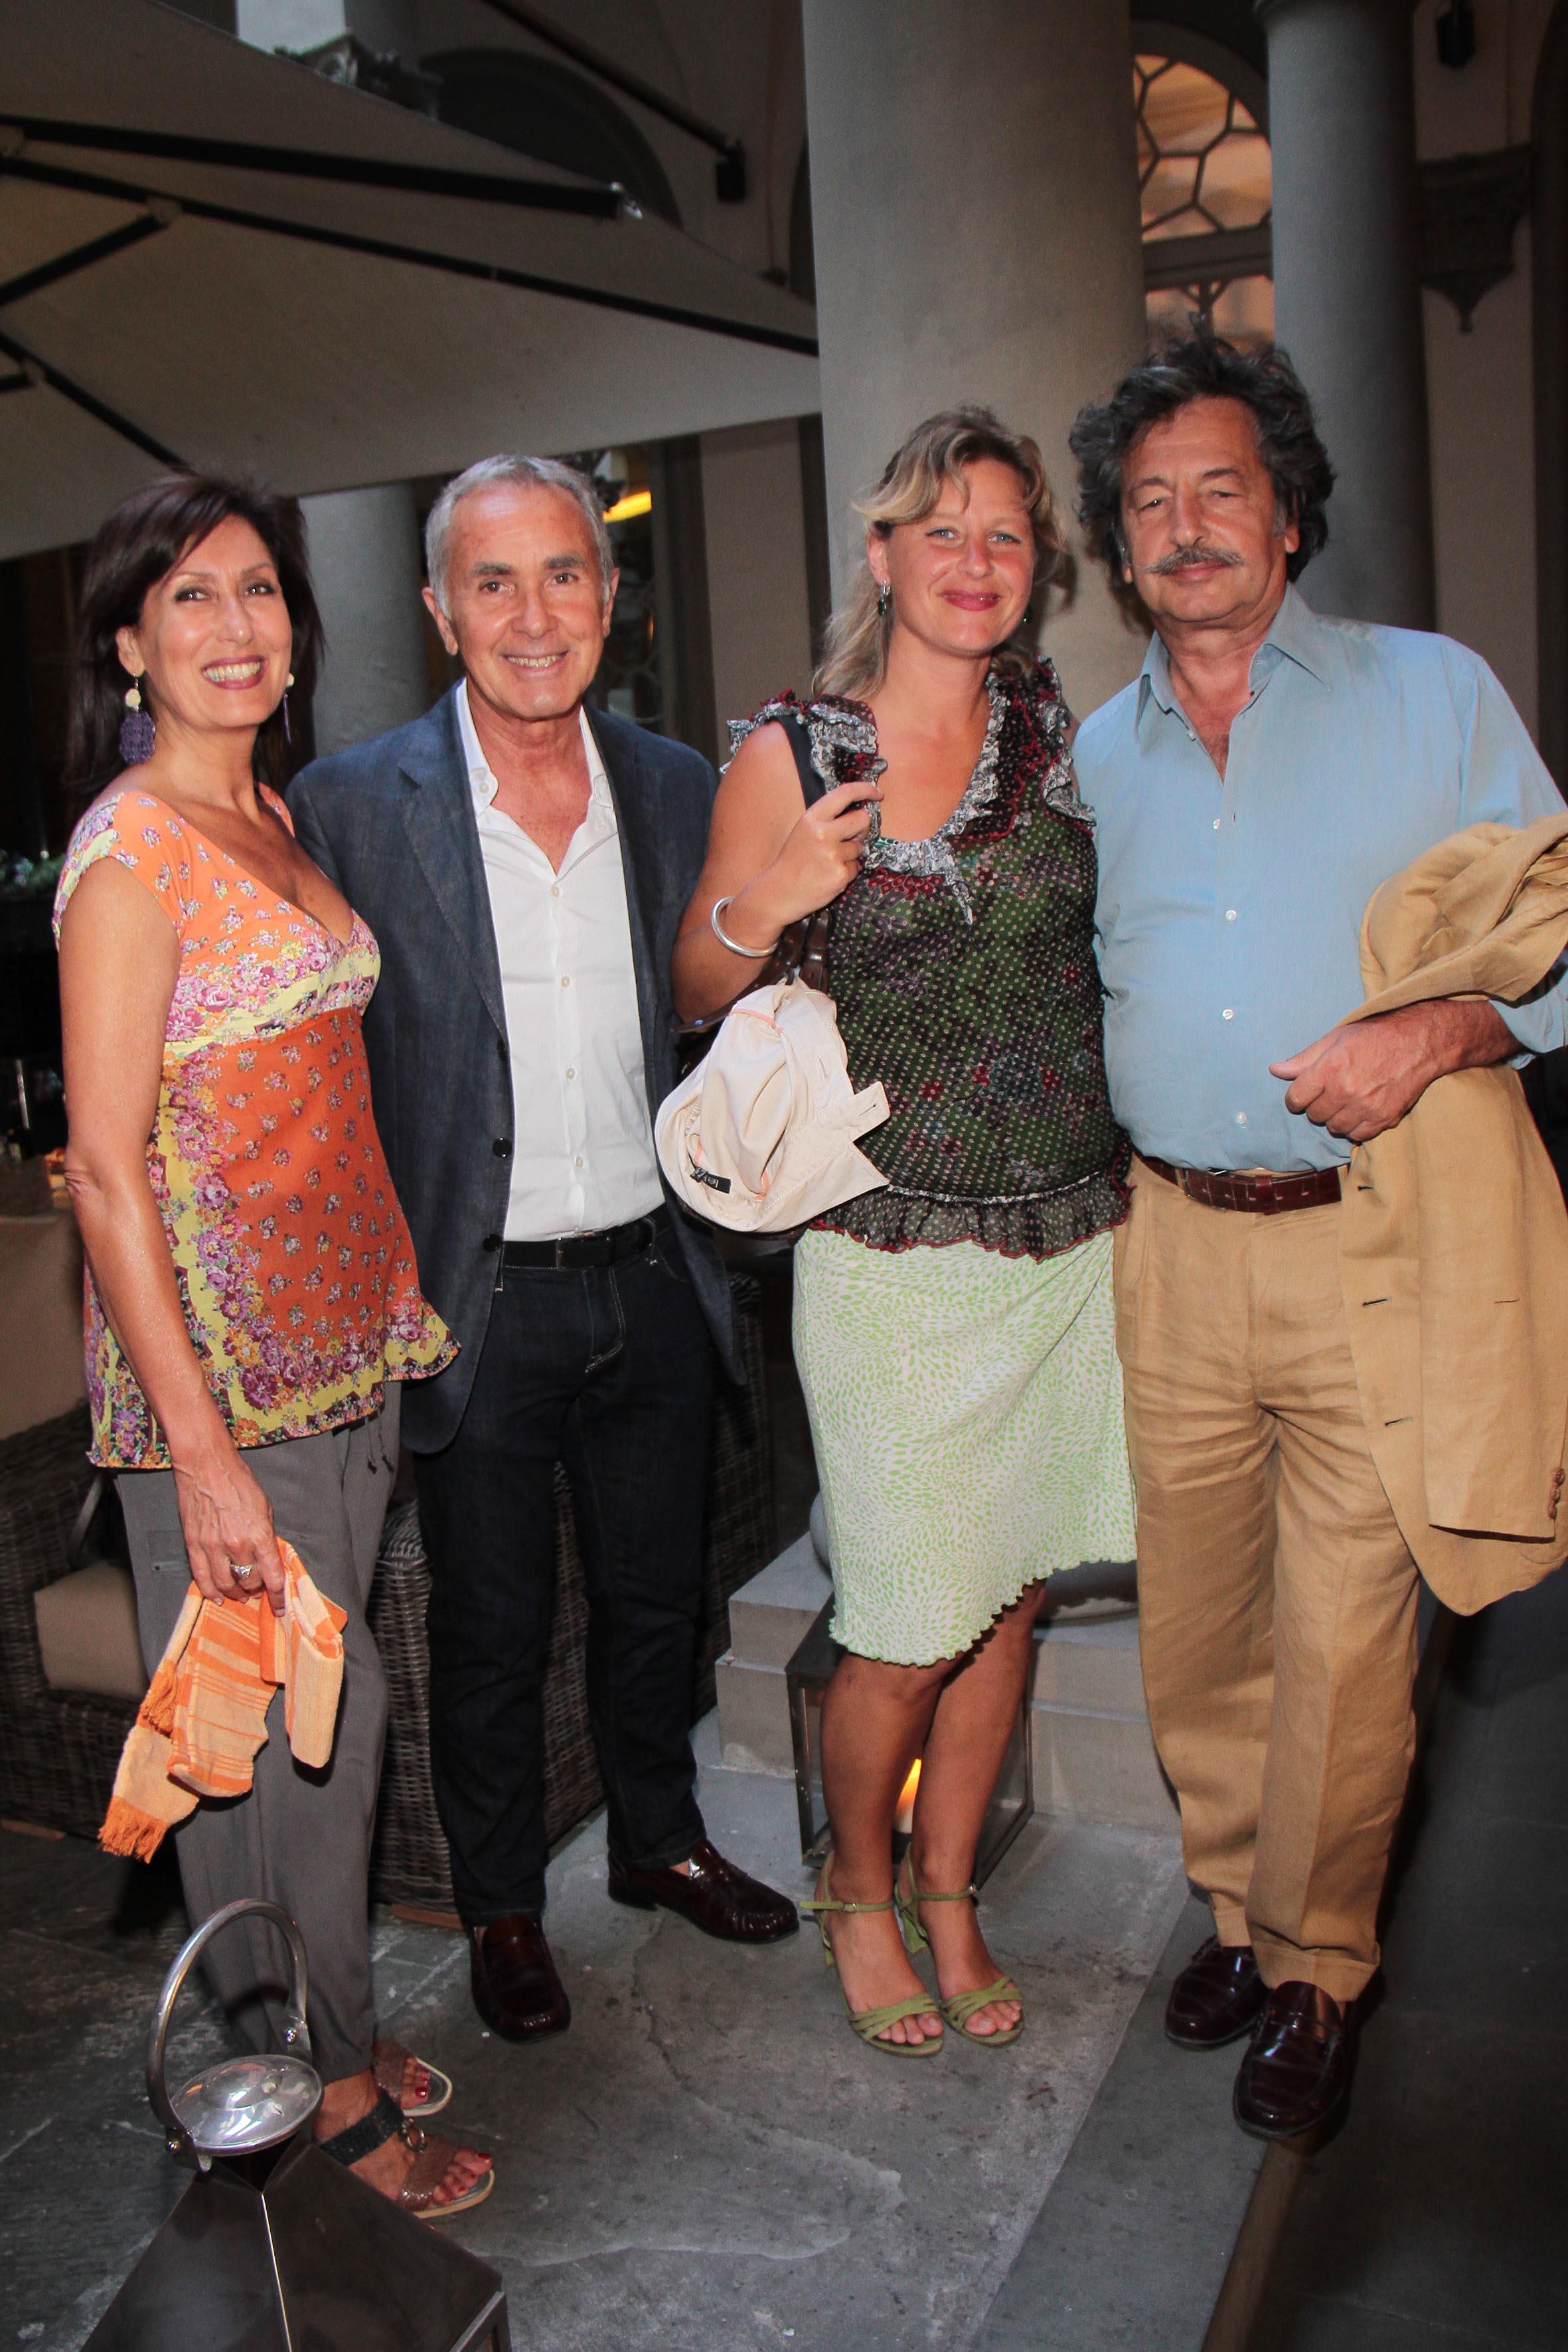 PRESSPHOTO Firenze, Obikà aperitivo. Nella foto Rosella Sacco, Sandro Cosmai, Julia Markert e Gianni Santi  giuseppe cabras/new press photo